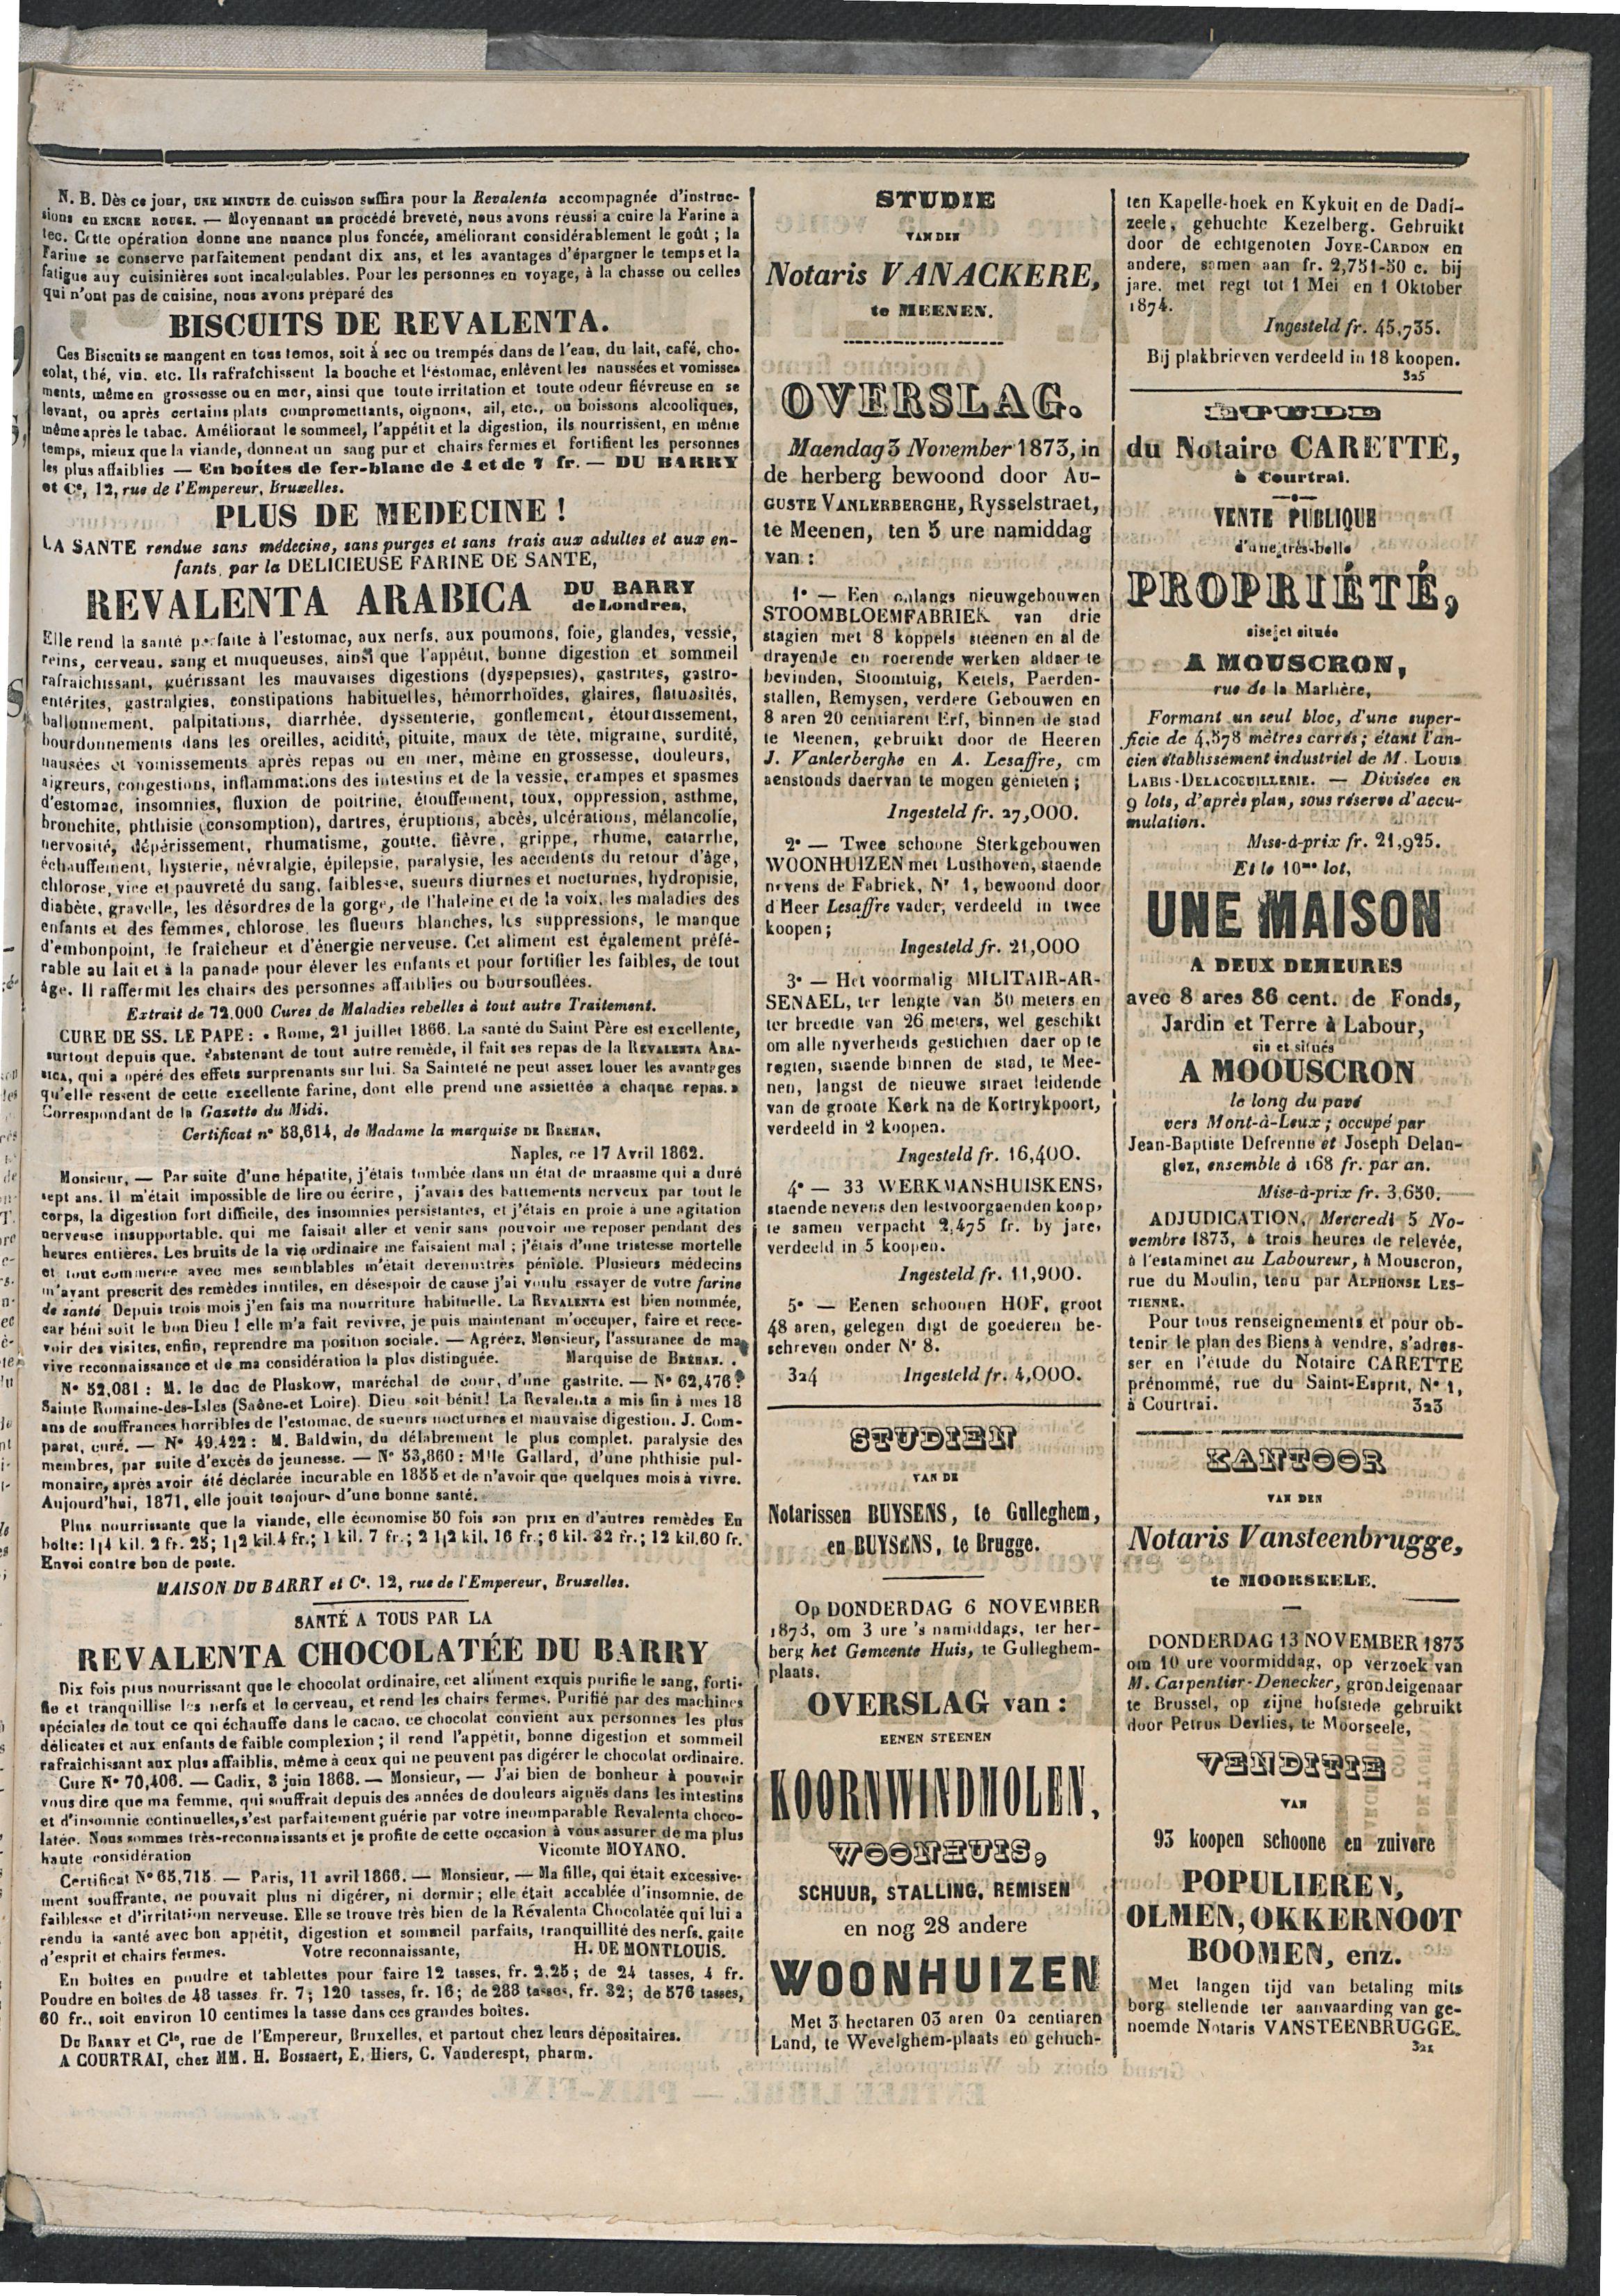 L'echo De Courtrai 1873-11-01 p5